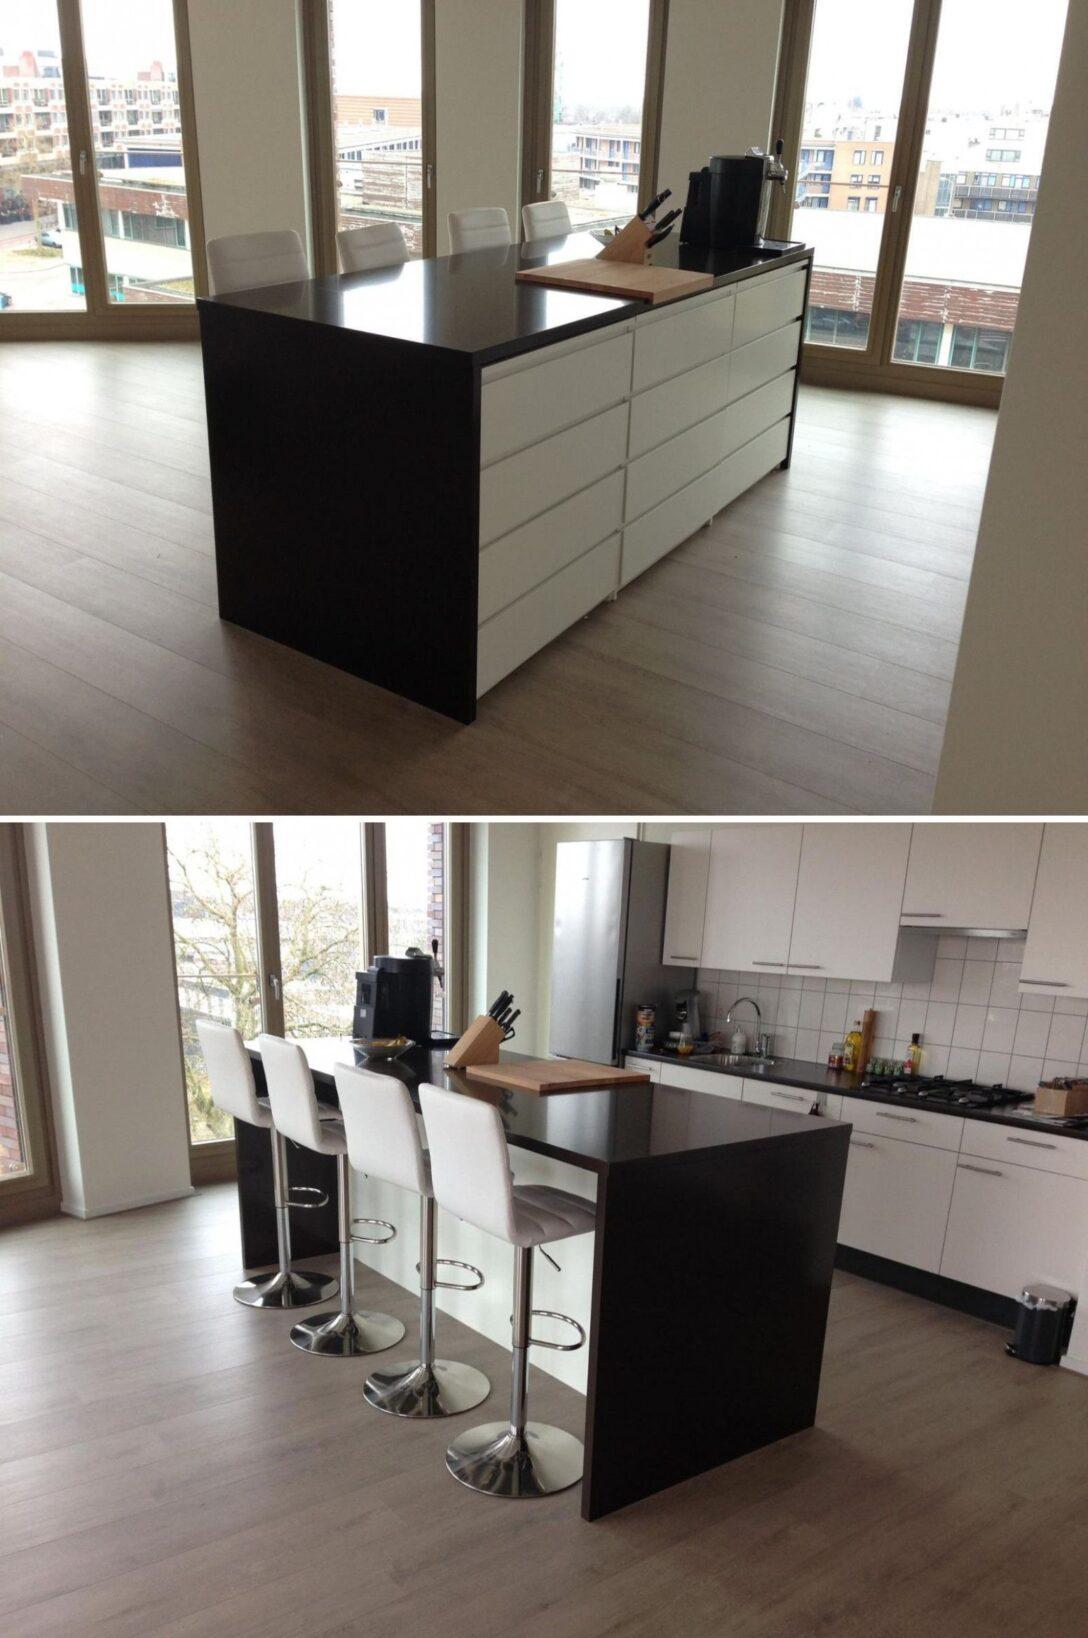 Large Size of Kücheninseln Ikea Kcheninsel Hack In 2020 Küche Kaufen Betten 160x200 Miniküche Bei Kosten Modulküche Sofa Mit Schlaffunktion Wohnzimmer Kücheninseln Ikea